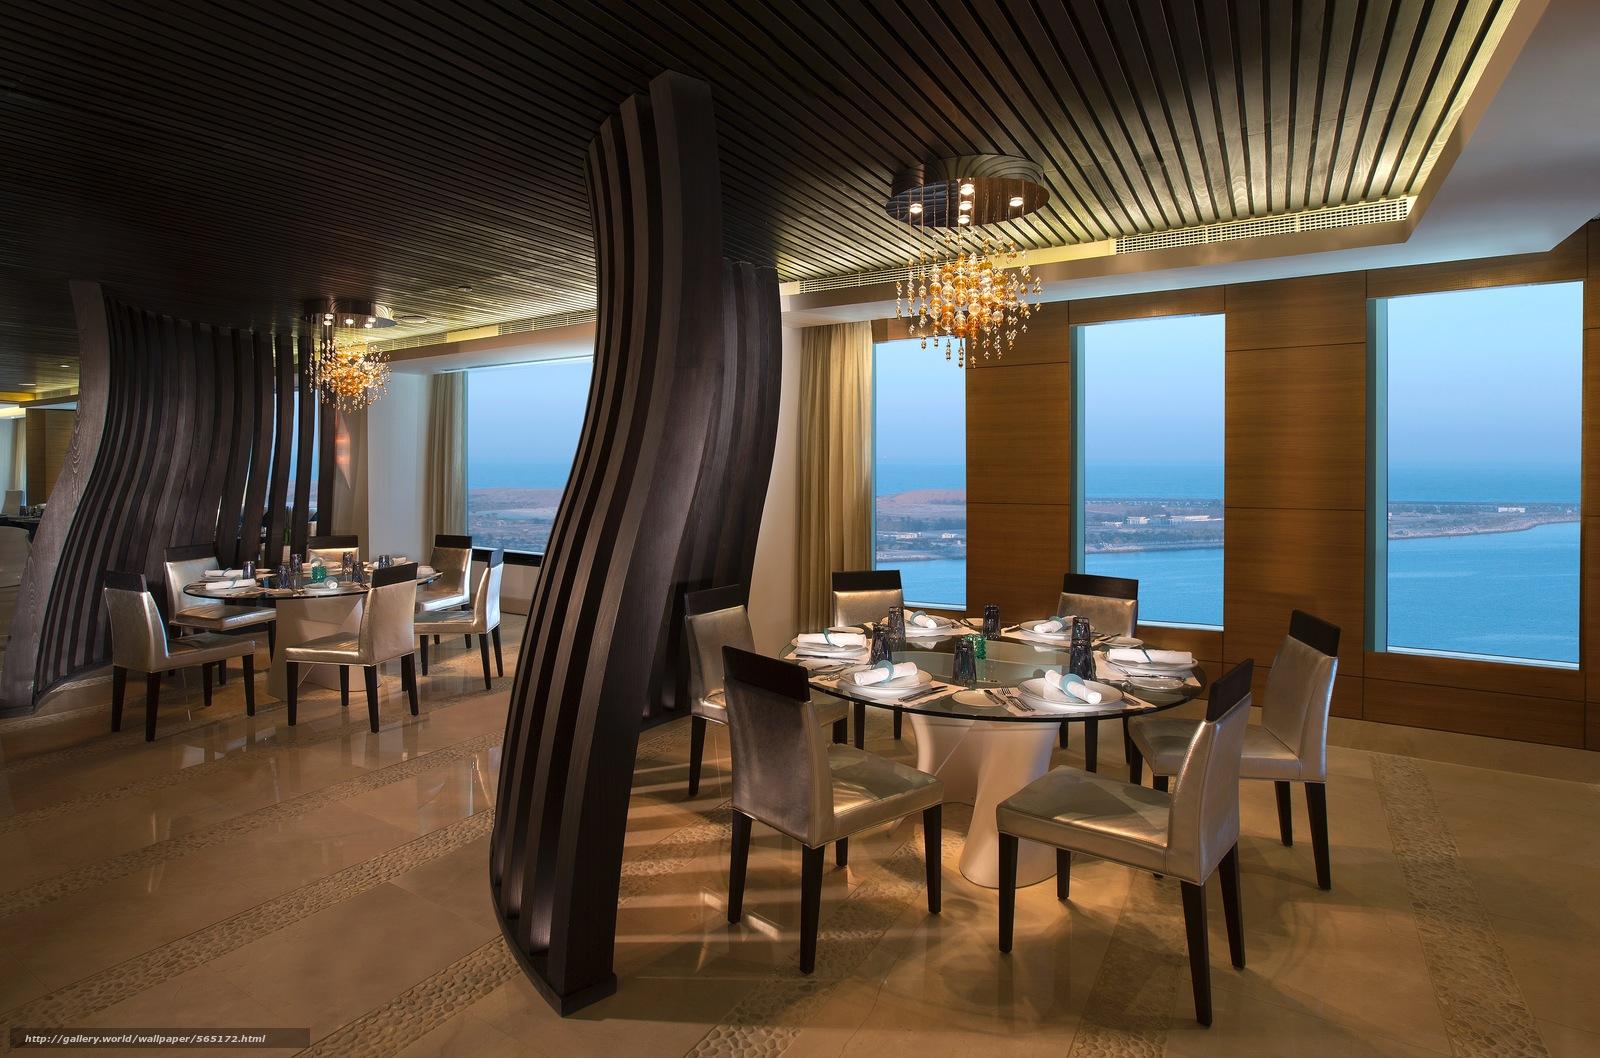 Download wallpaper design restaurant style interior